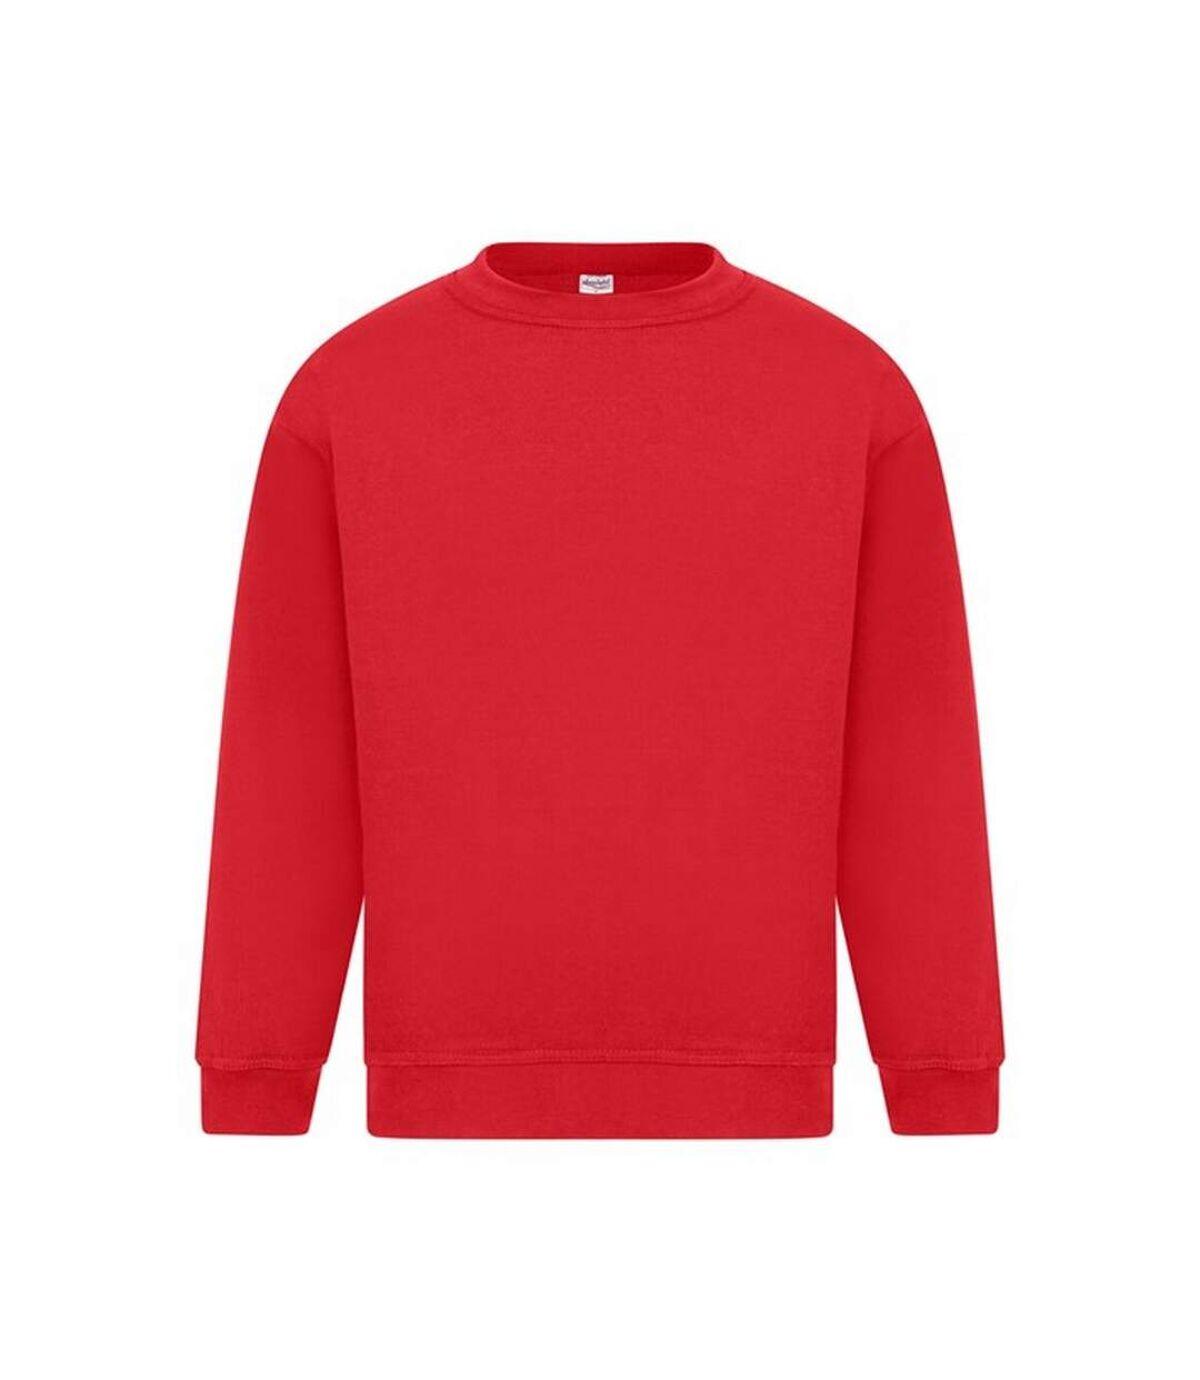 Absolute Apparel Mens Sterling Sweat (Red) - UTAB113